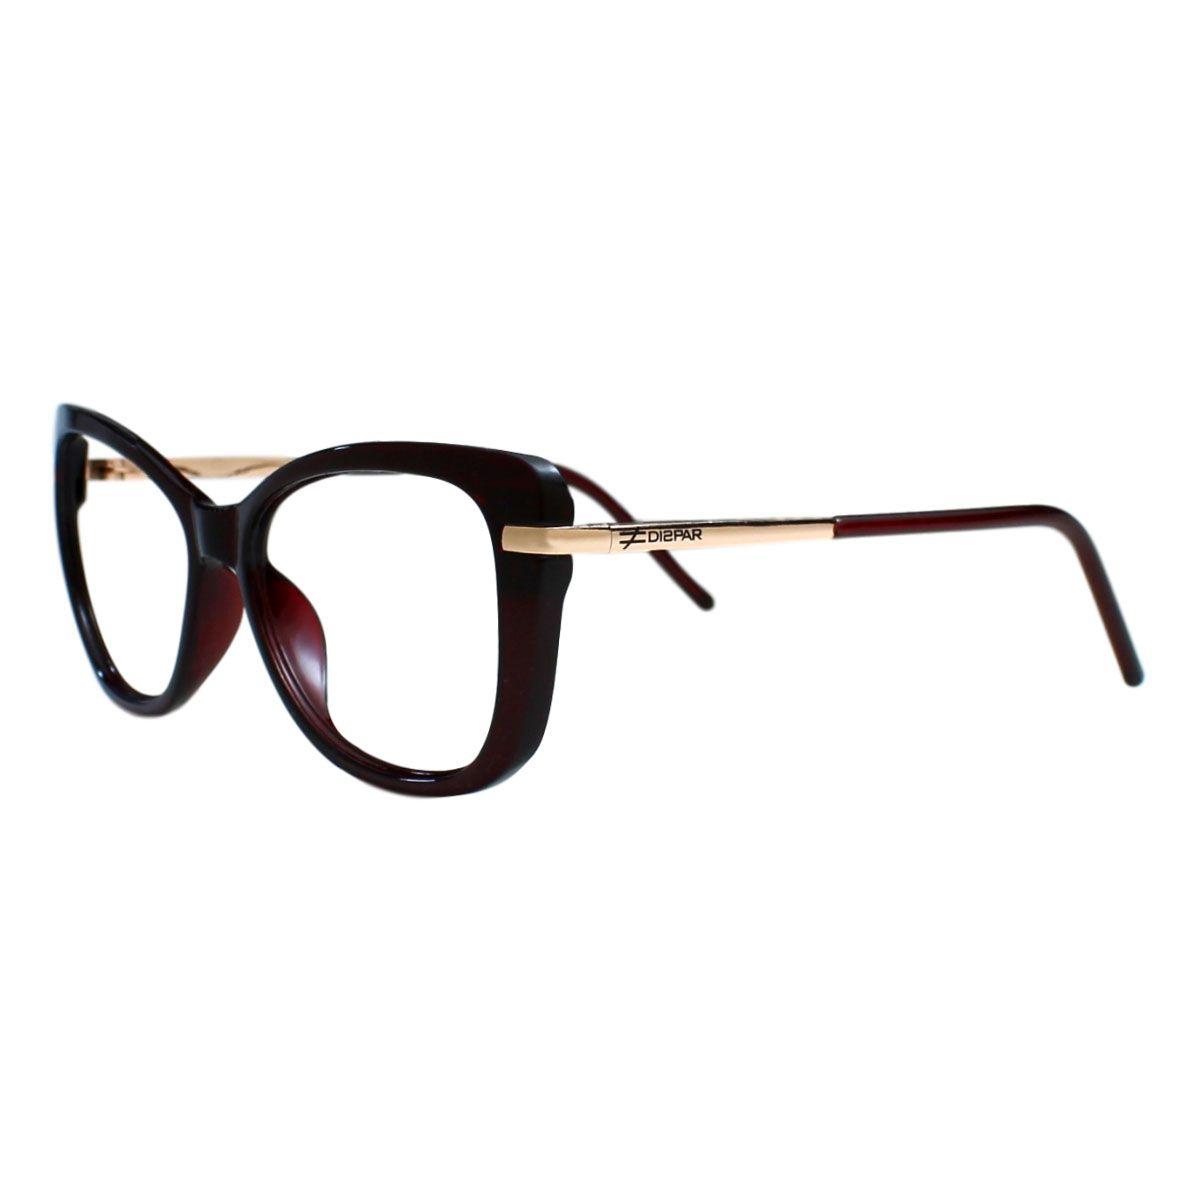 Armação para Óculos Díspar D2208 - Marrom